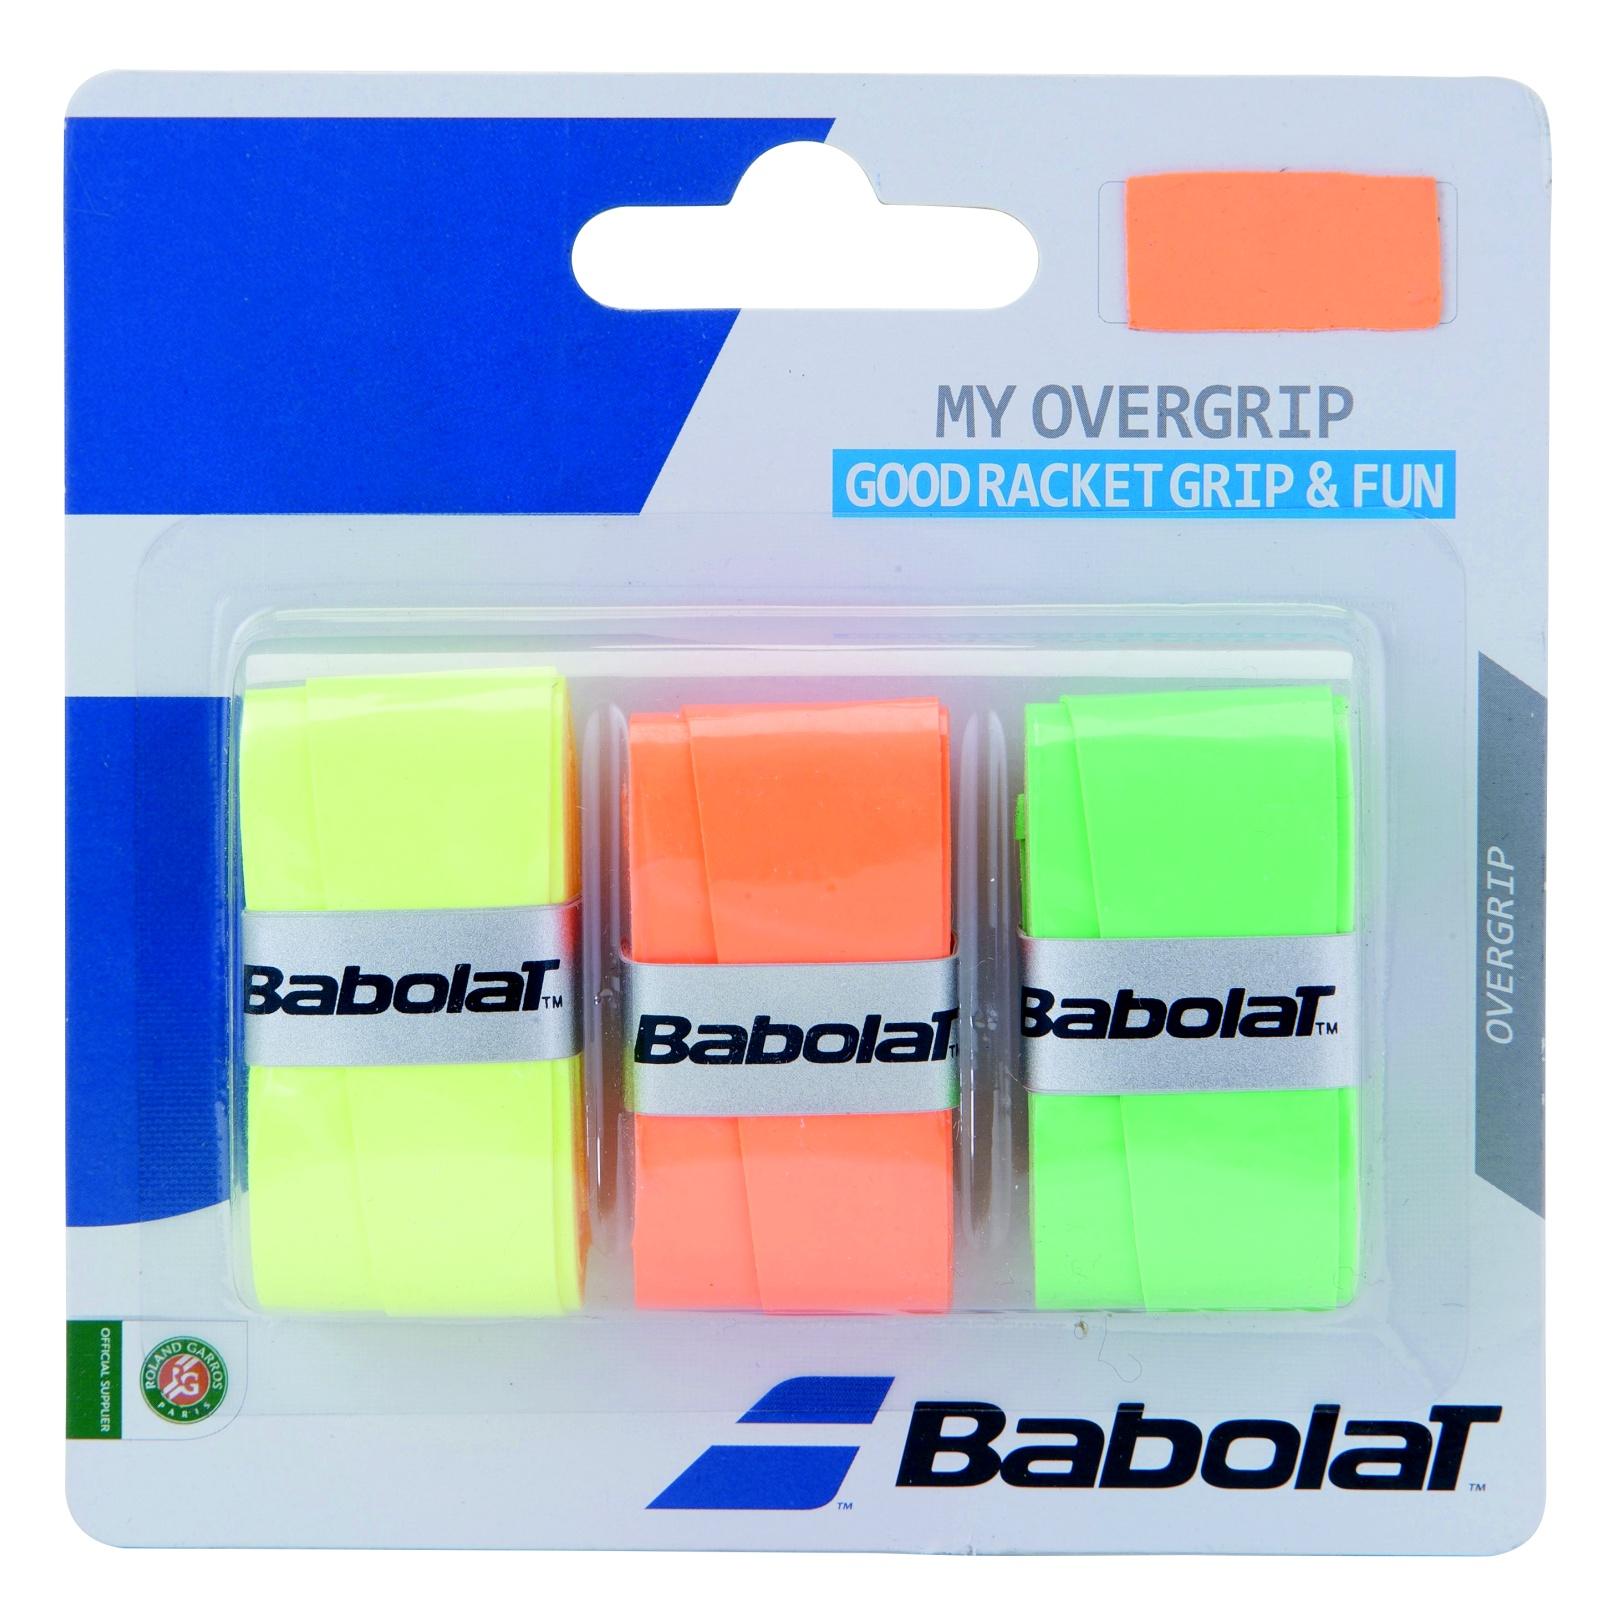 Tenisová omotávka BABOLAT My Overgrip oranžová/zelená/žlutá